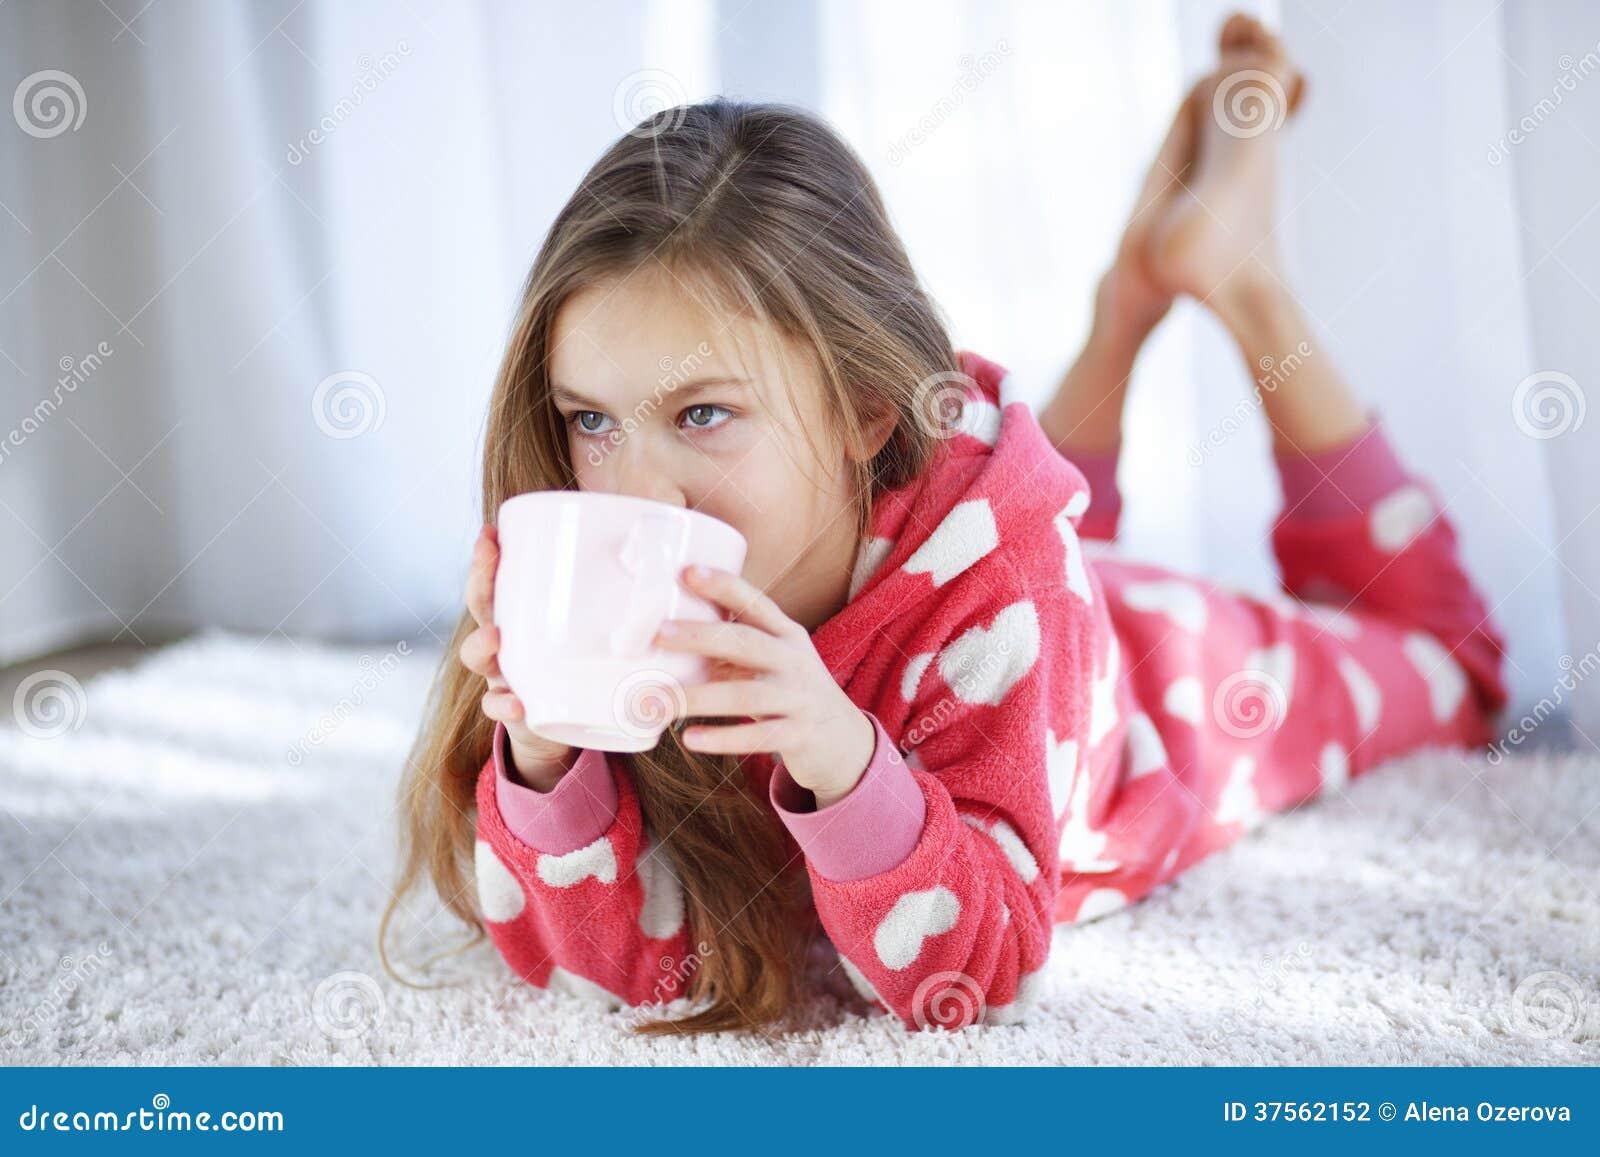 Ребенок в пижамах